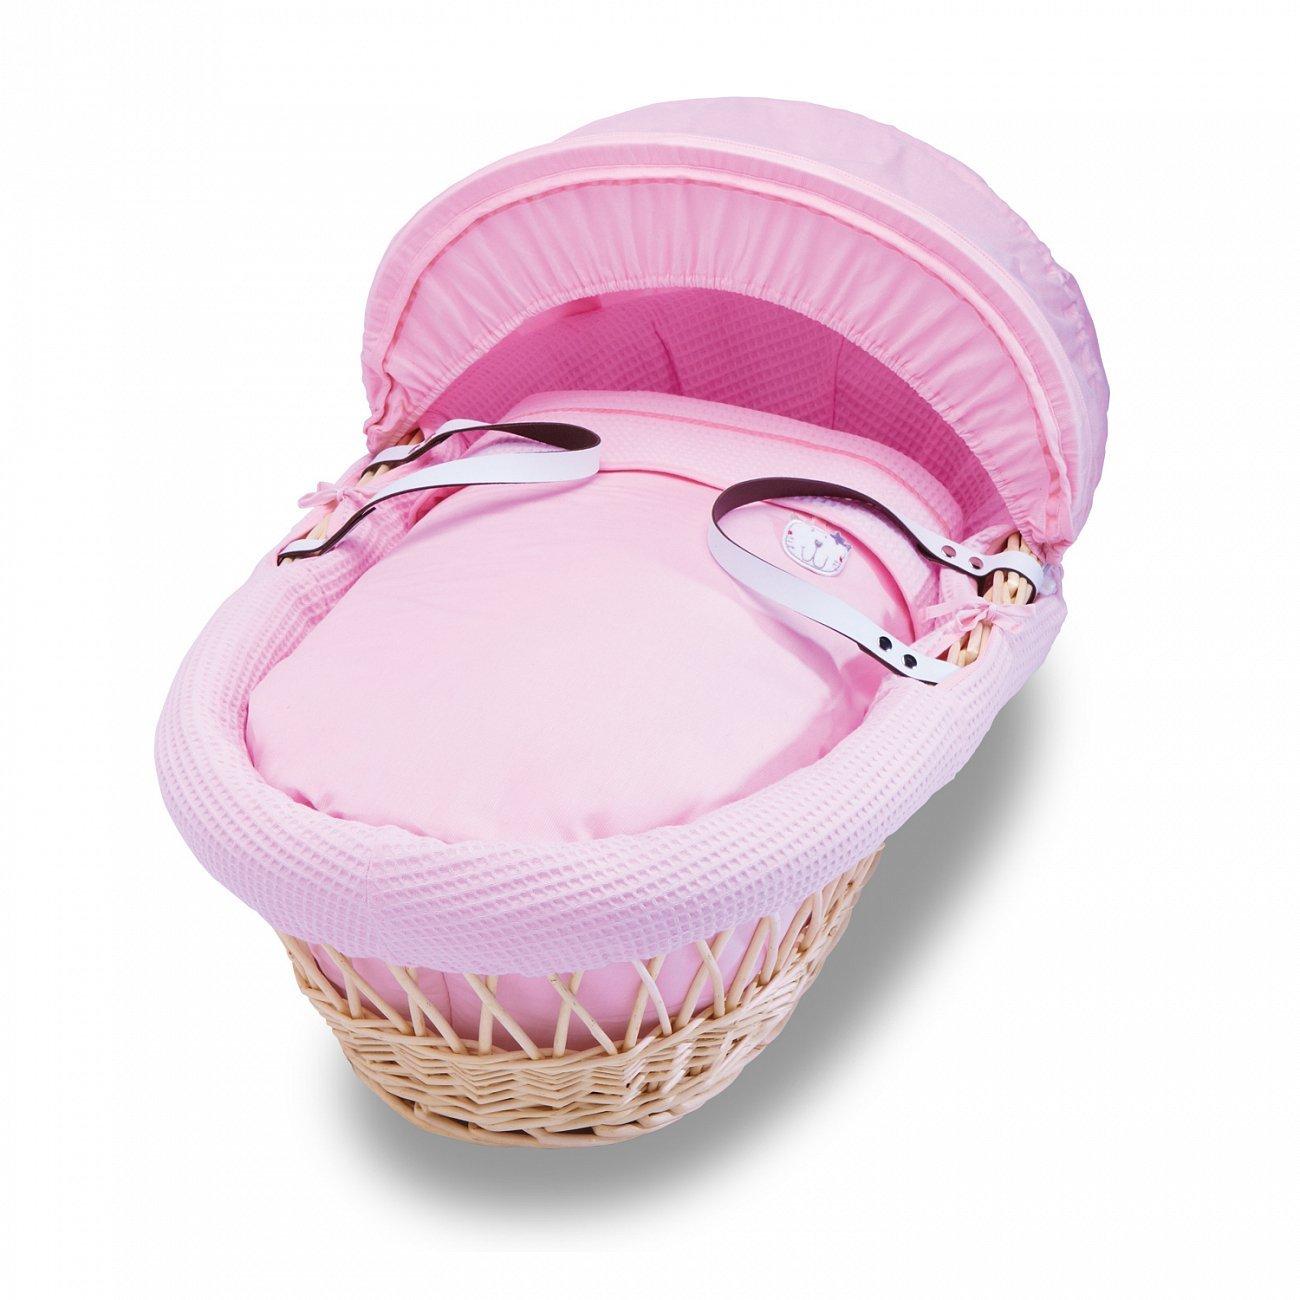 Купить Колыбель-переноска Gift Wicker Moses Basket натуральная, розовое белье в интернет магазине дизайнерской мебели и аксессуаров для дома и дачи